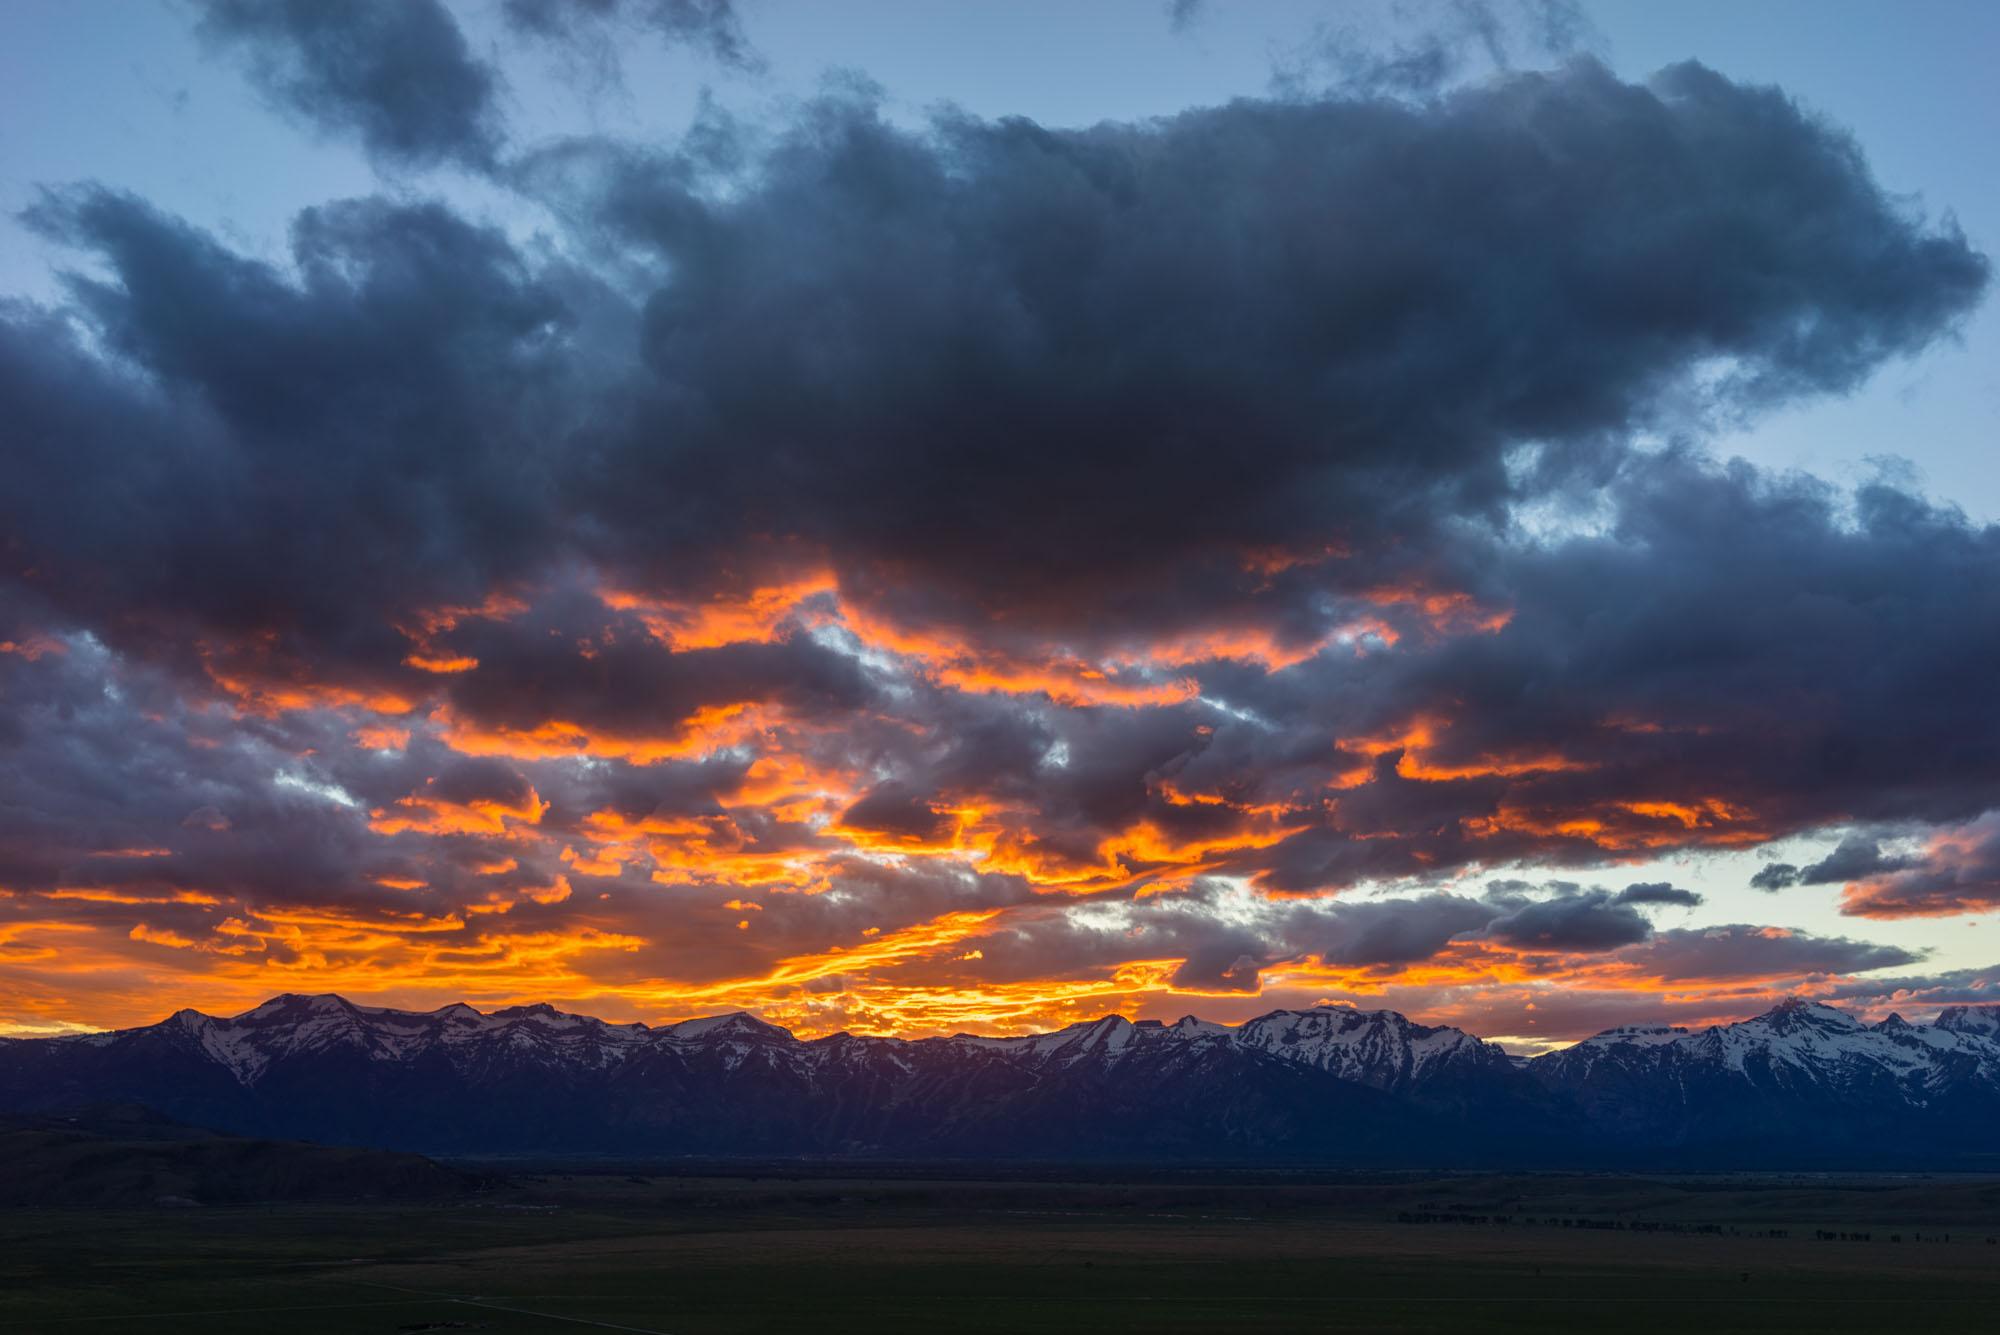 A rediculous Jackson sunset